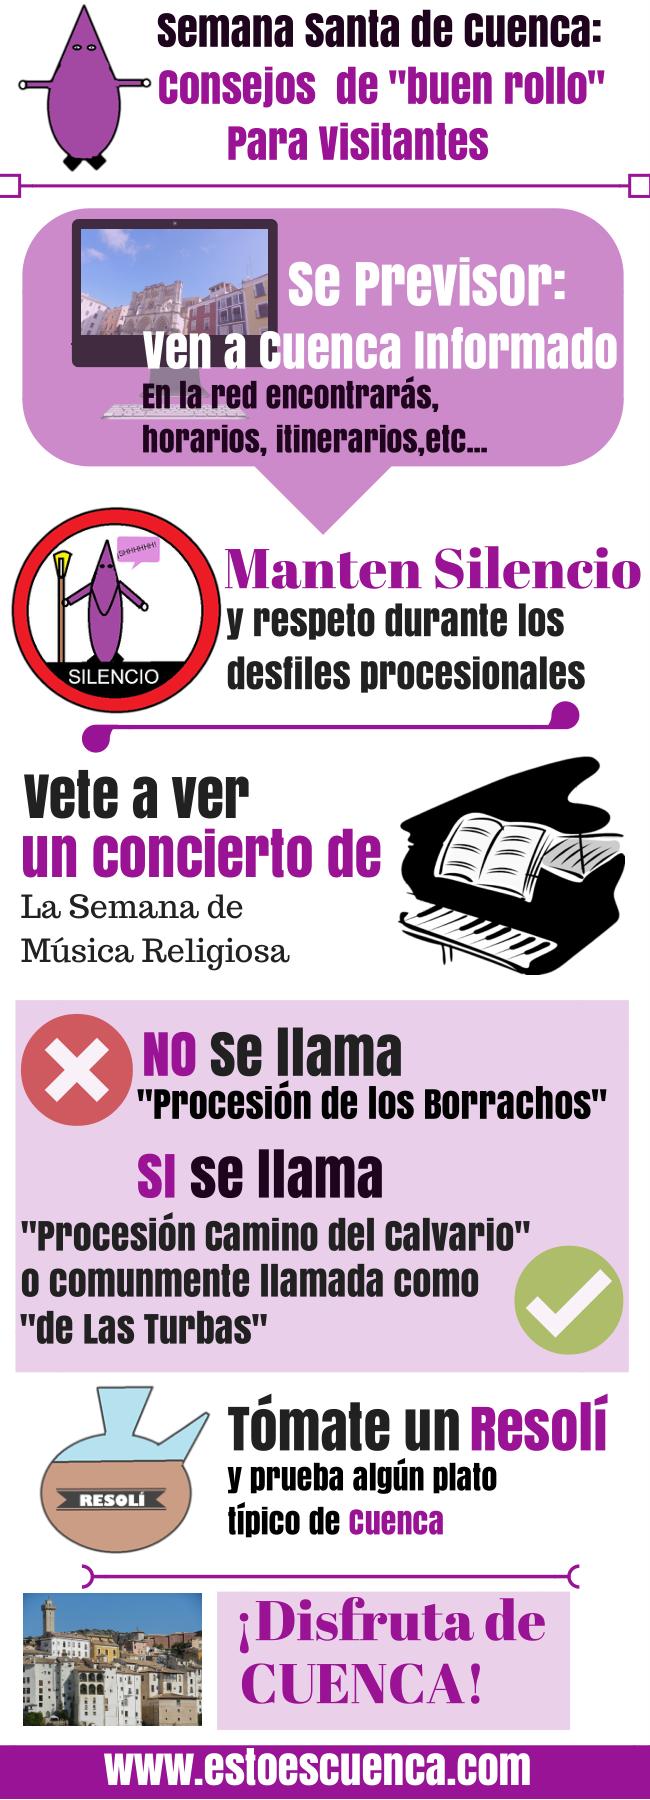 Semana-Santa-de-Cuenca_estoescuenca_turismo-Cuenca_infografia-consejos.png